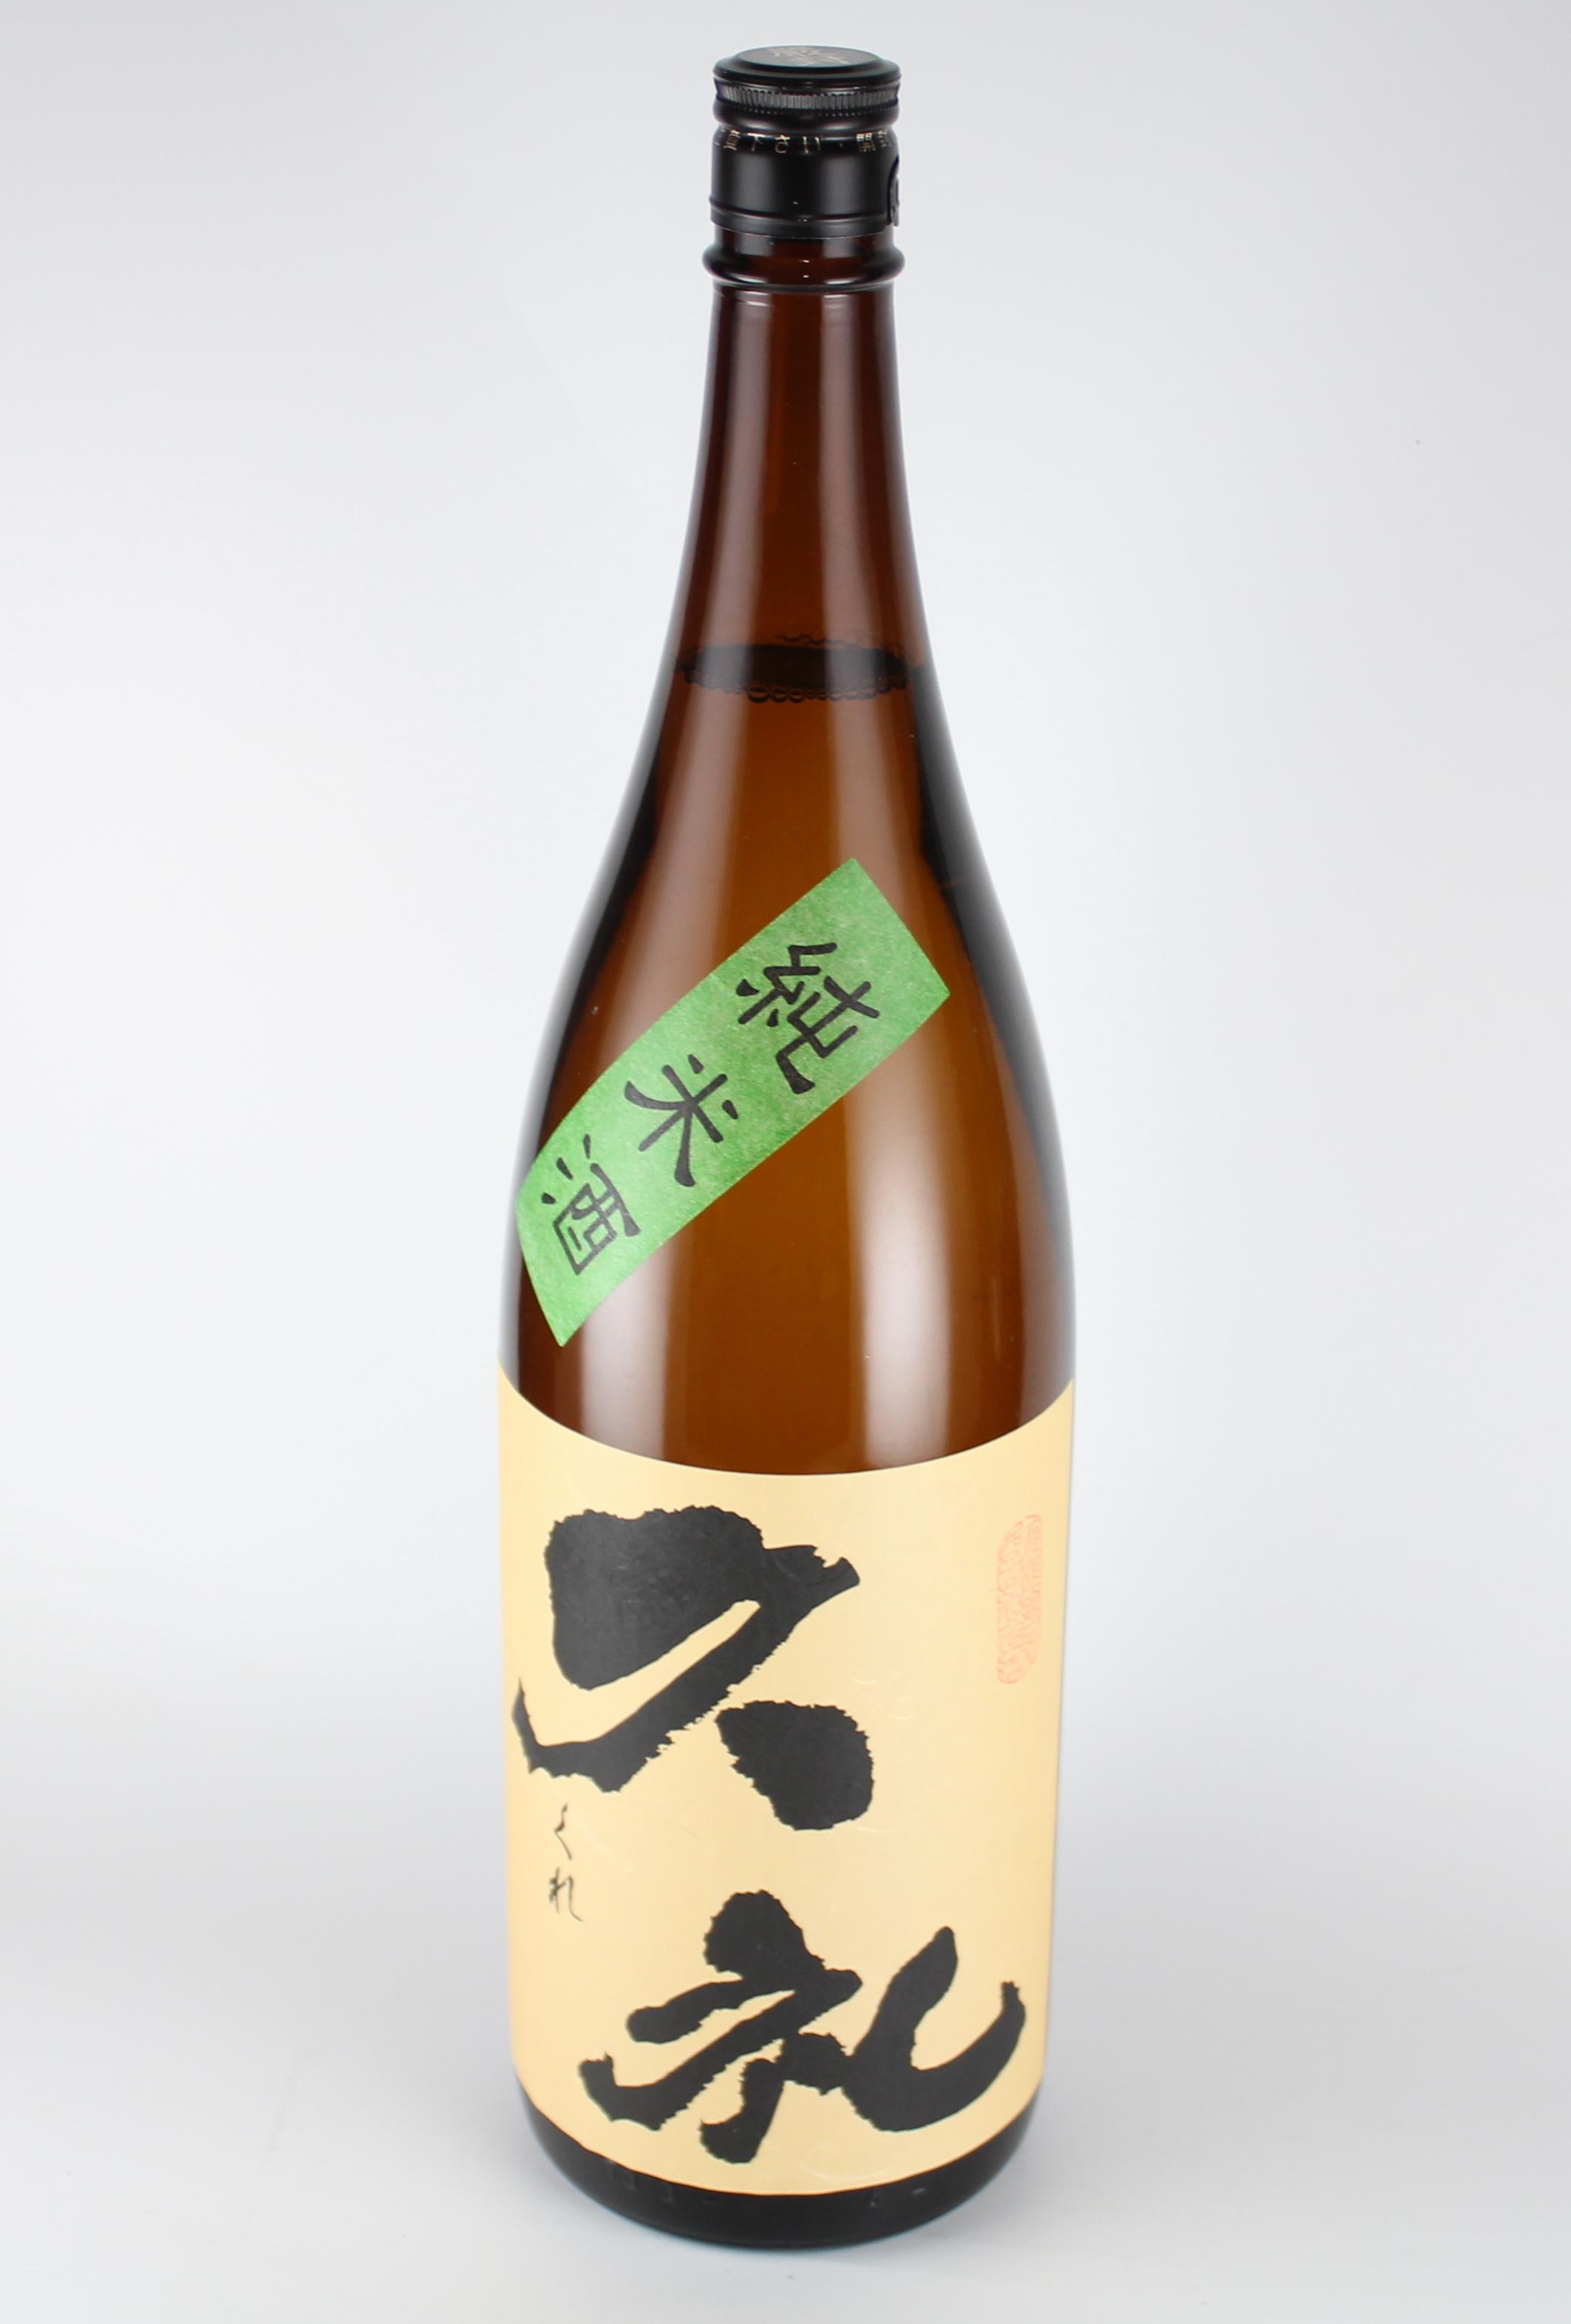 久礼 純米 1800ml 【高知/西岡酒造店】